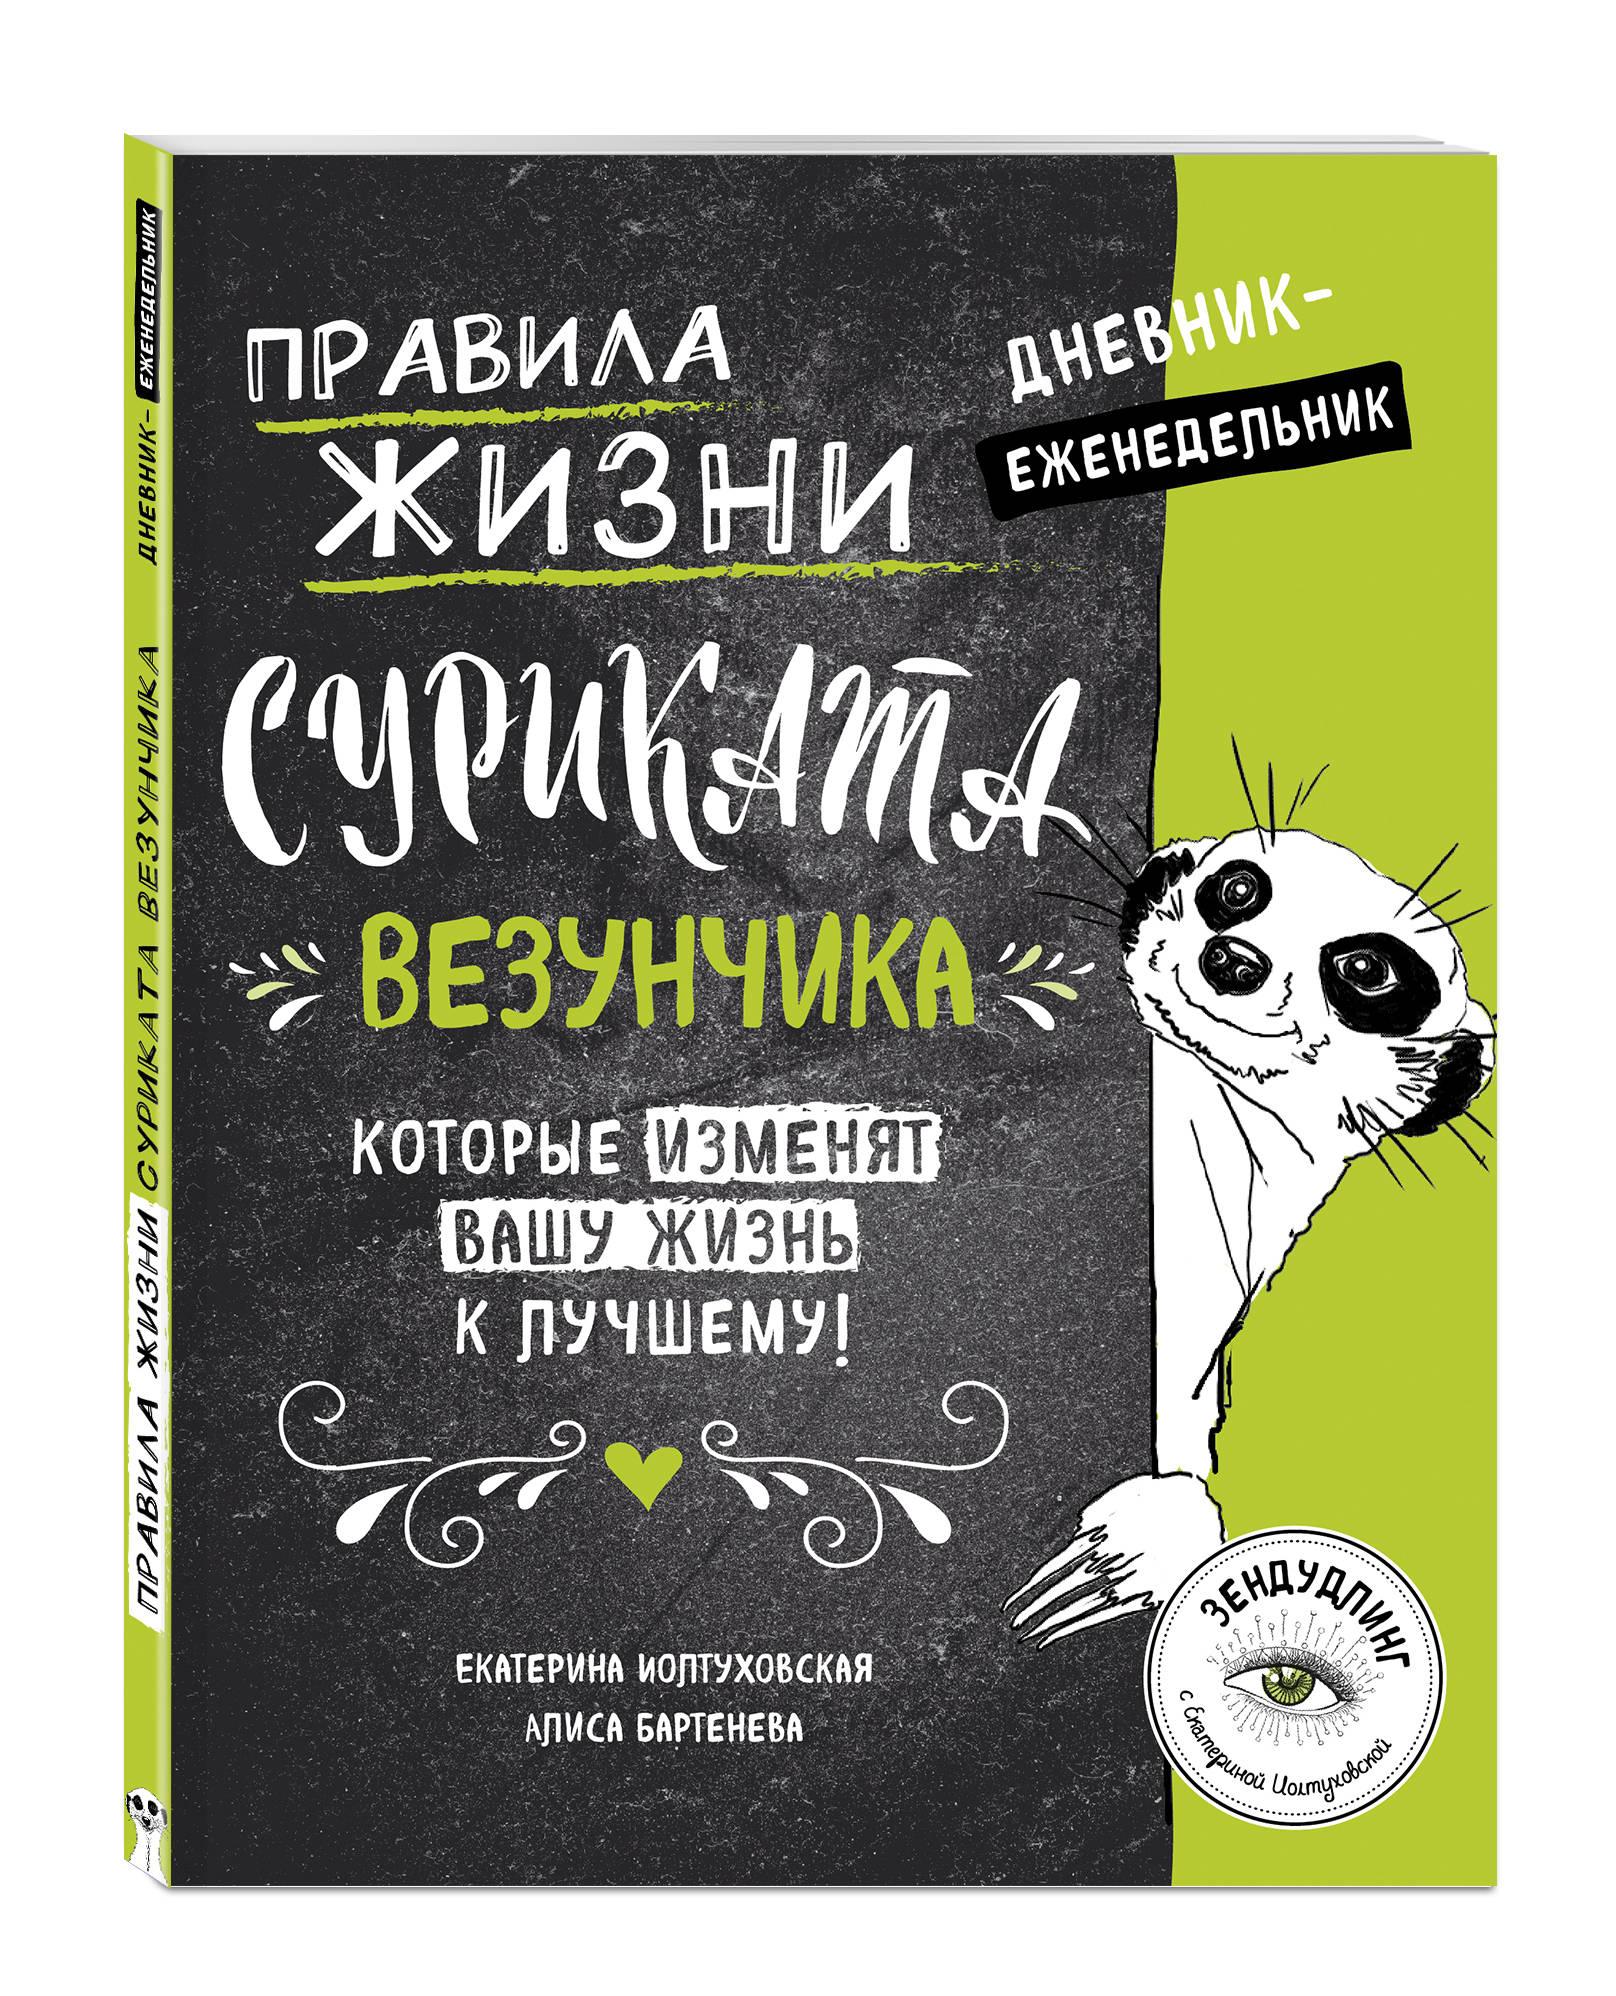 Екатерина Иолтуховская Правила жизни Суриката Везунчика, которые изменят вашу жизнь к лучшему! Дневник-еженедельник цены онлайн